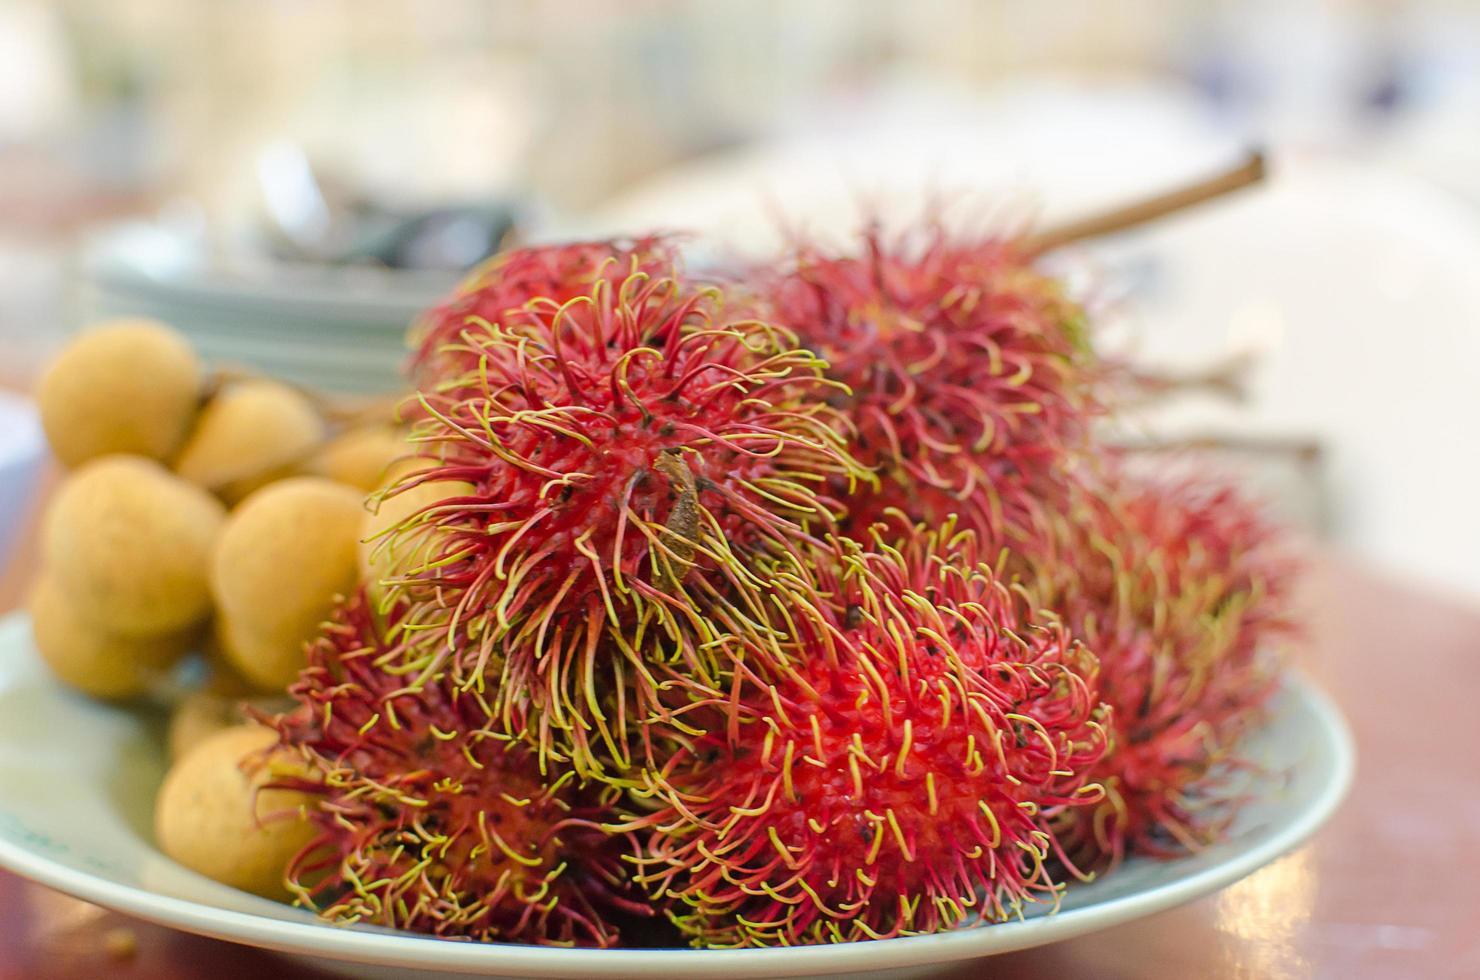 Rambutanfrucht auf einem Teller foto